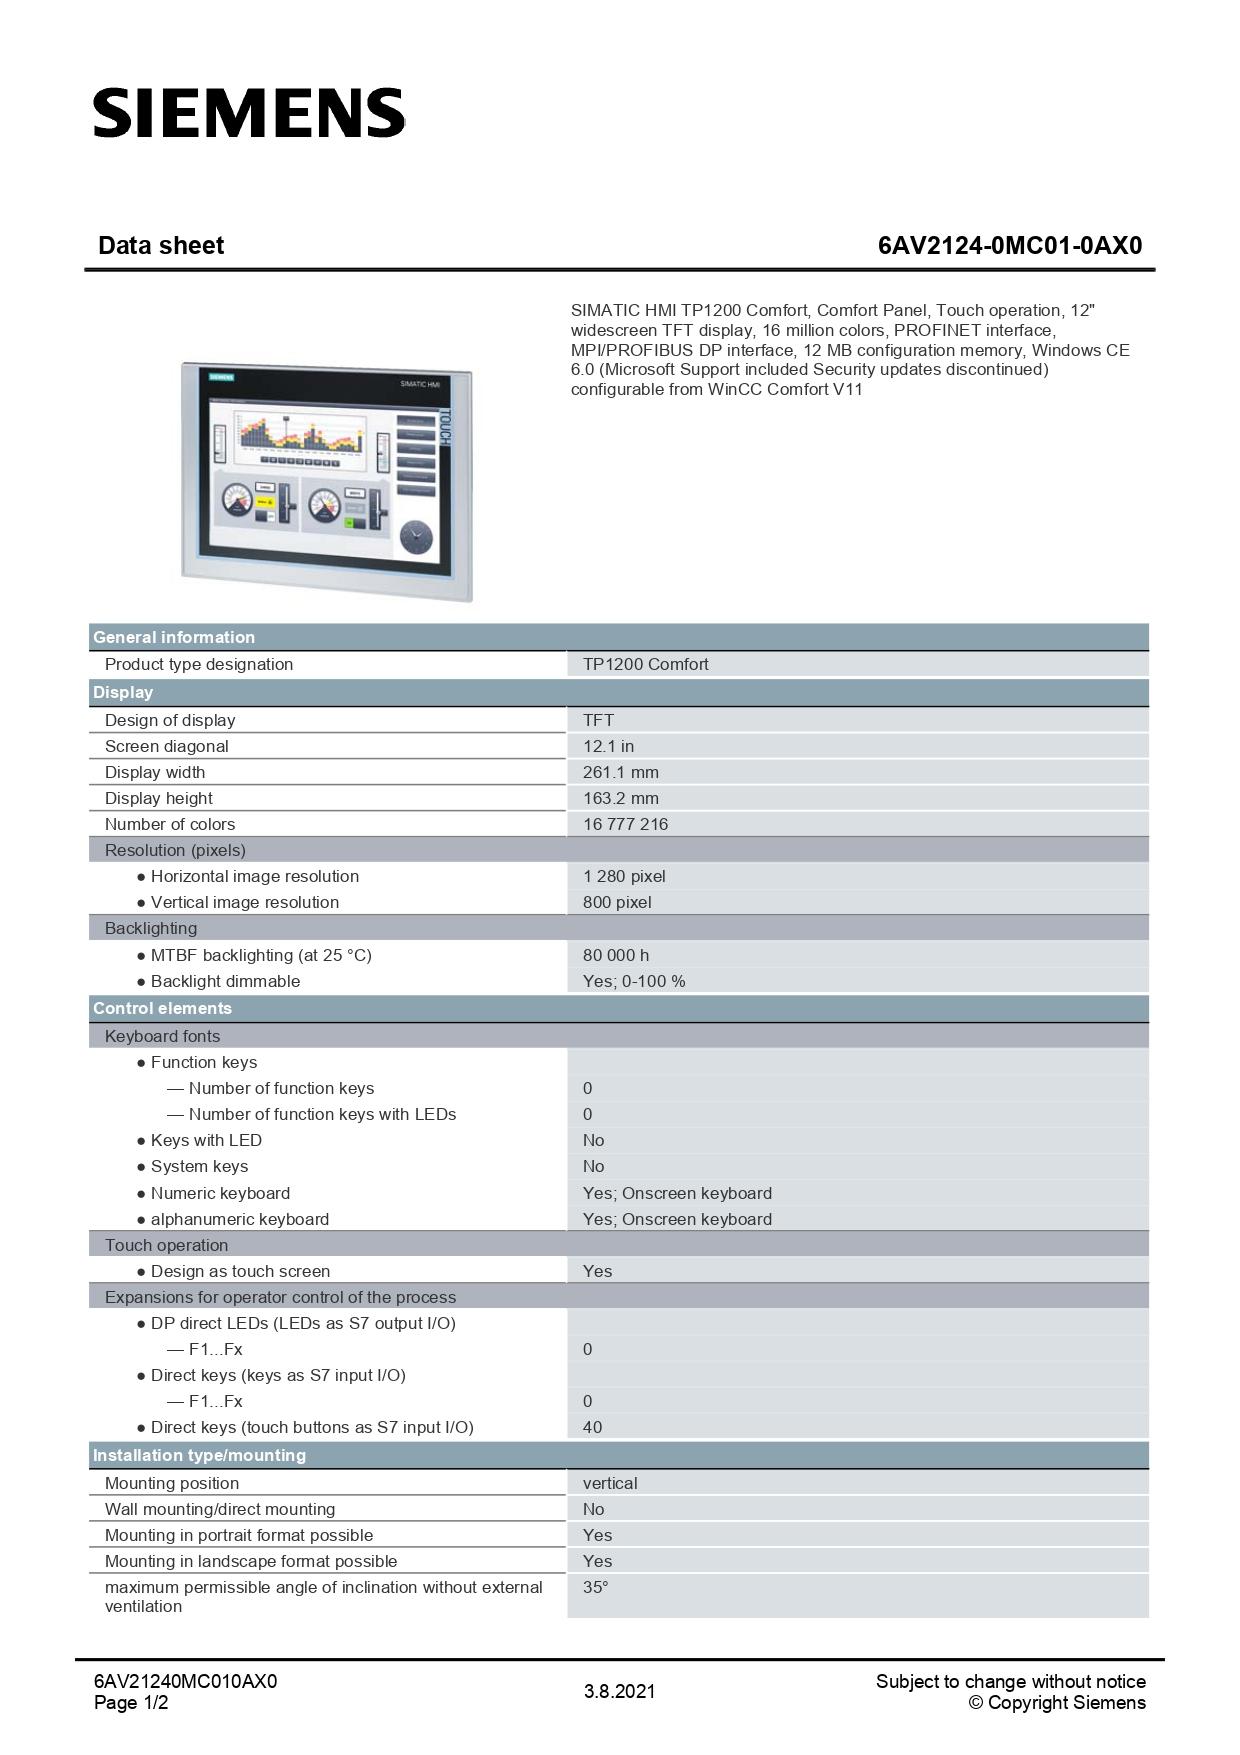 6AV2124-0MC01-0AX0_datasheet